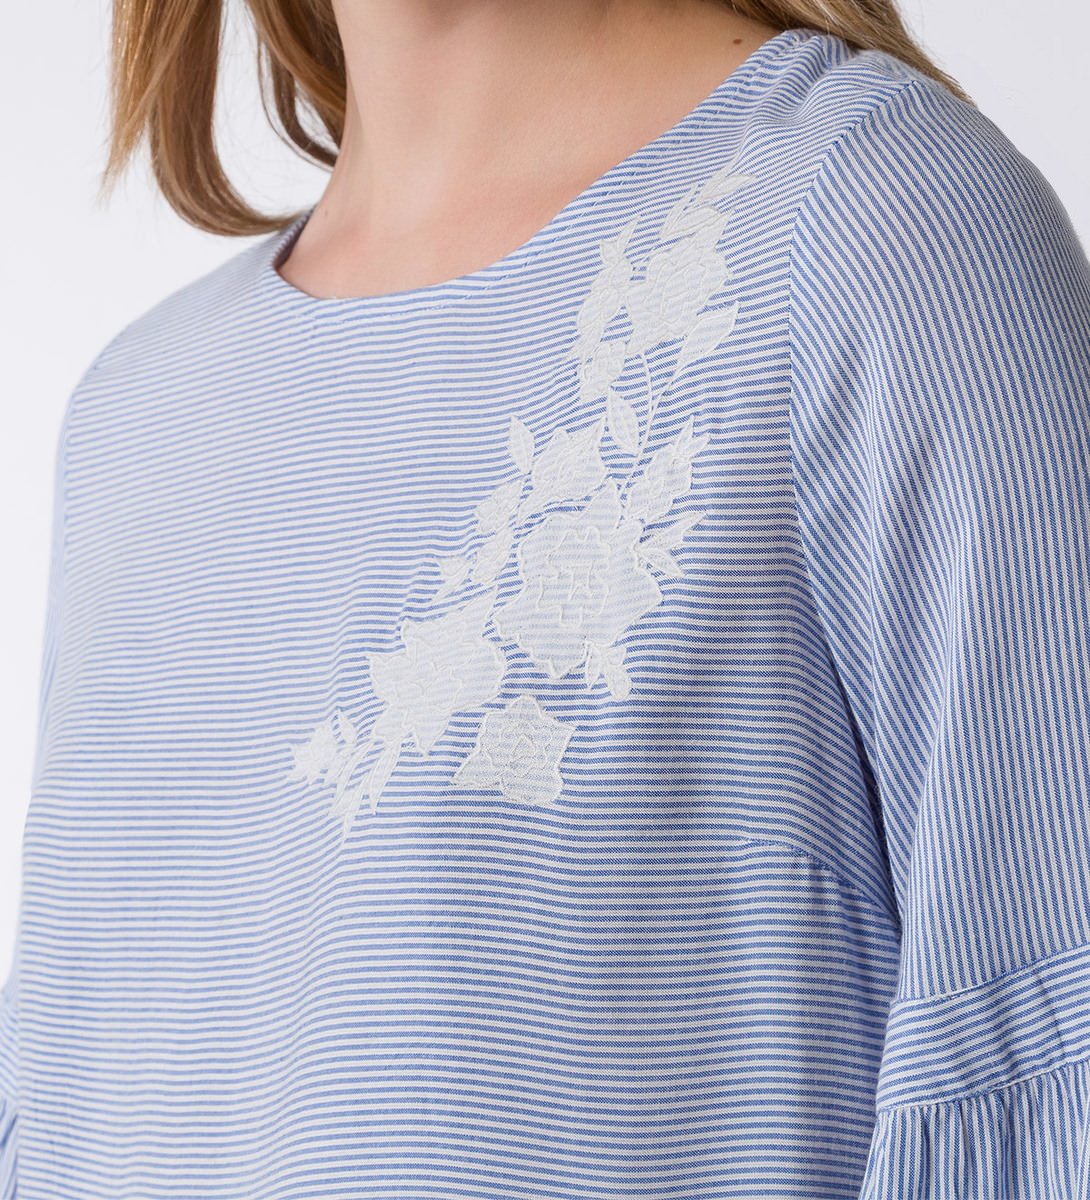 Bluse mit floraler Stickerei in arctic blue